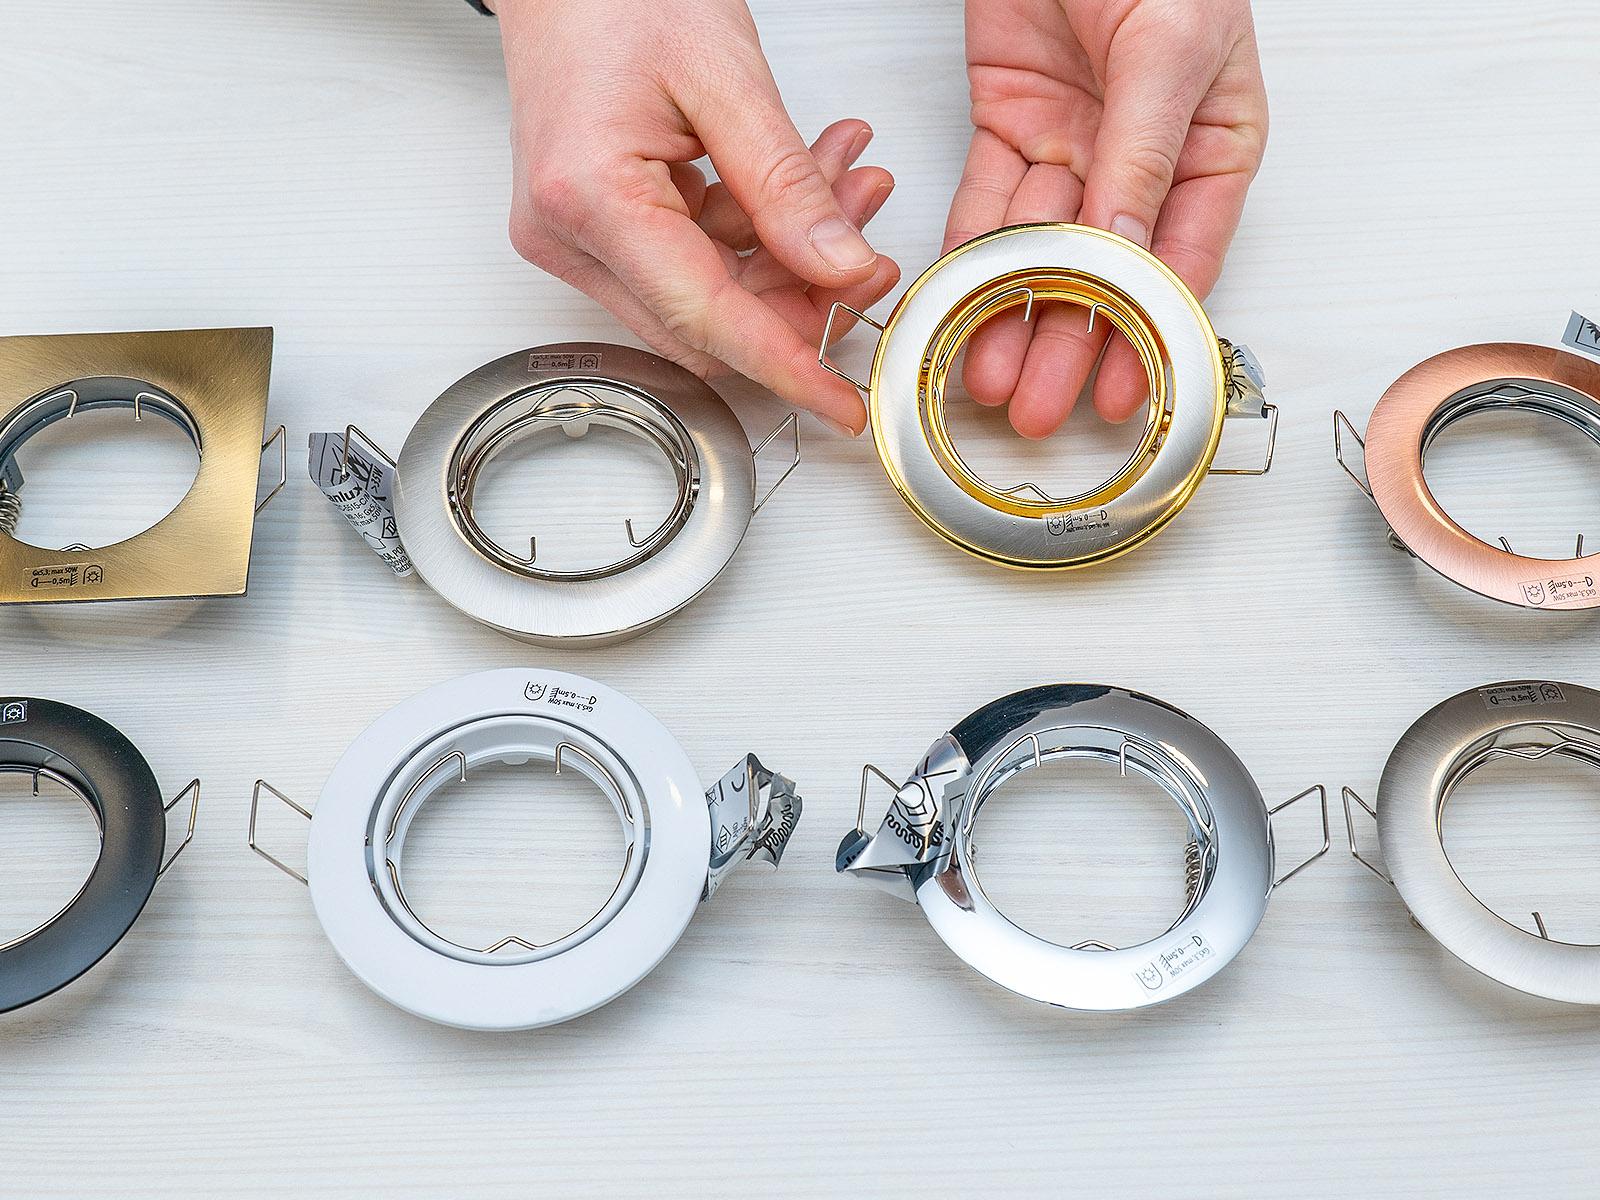 A legegyszerűbb és legolcsóbb spotlámpa keretek a fémből készülnek, ezek kaphatóak a legnagyobb színválasztékban.